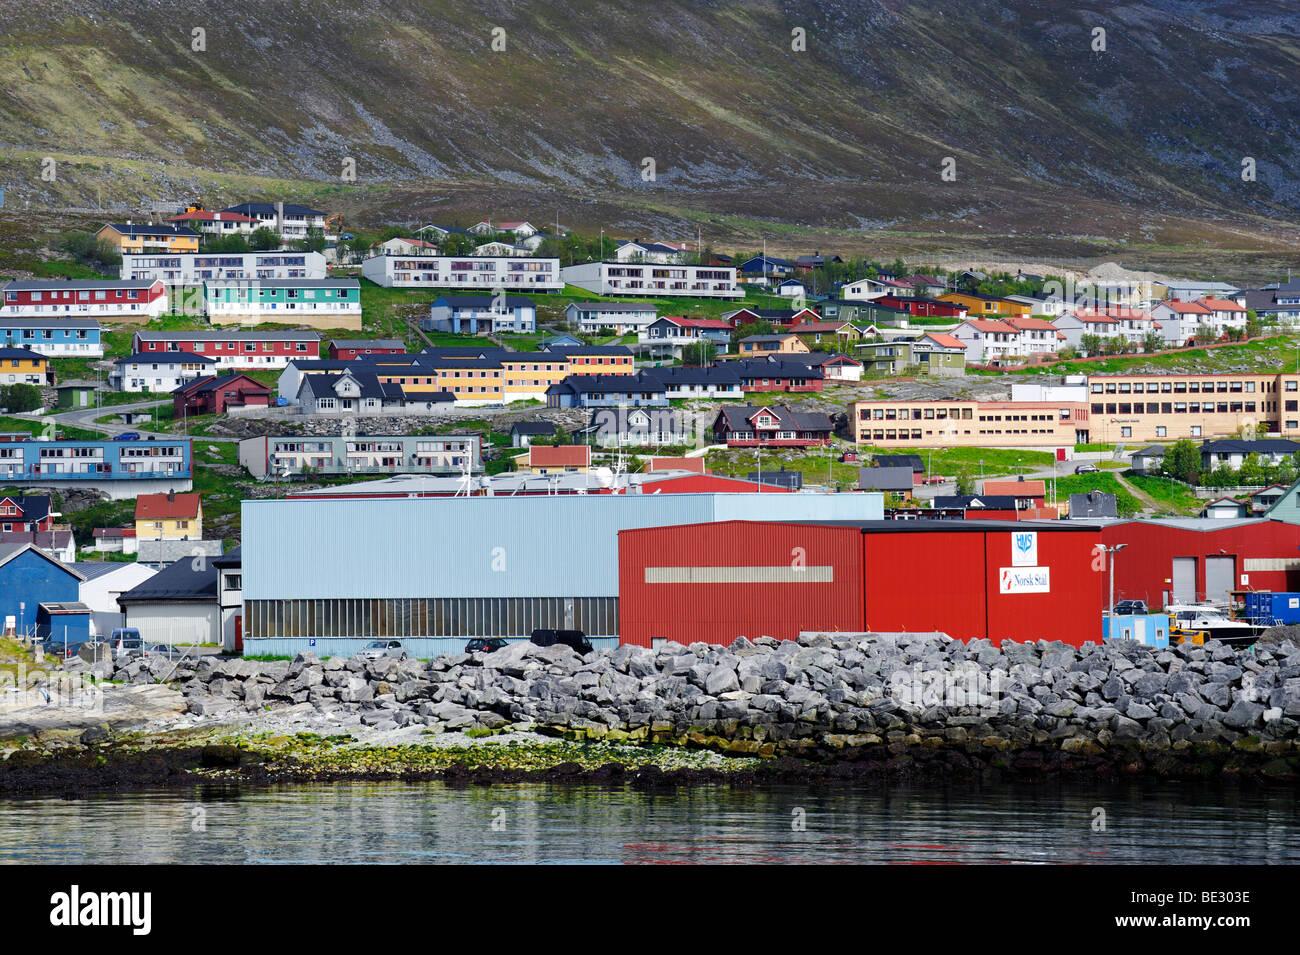 Hammerfest, Norway, Scandinavia, Europe Stock Photo